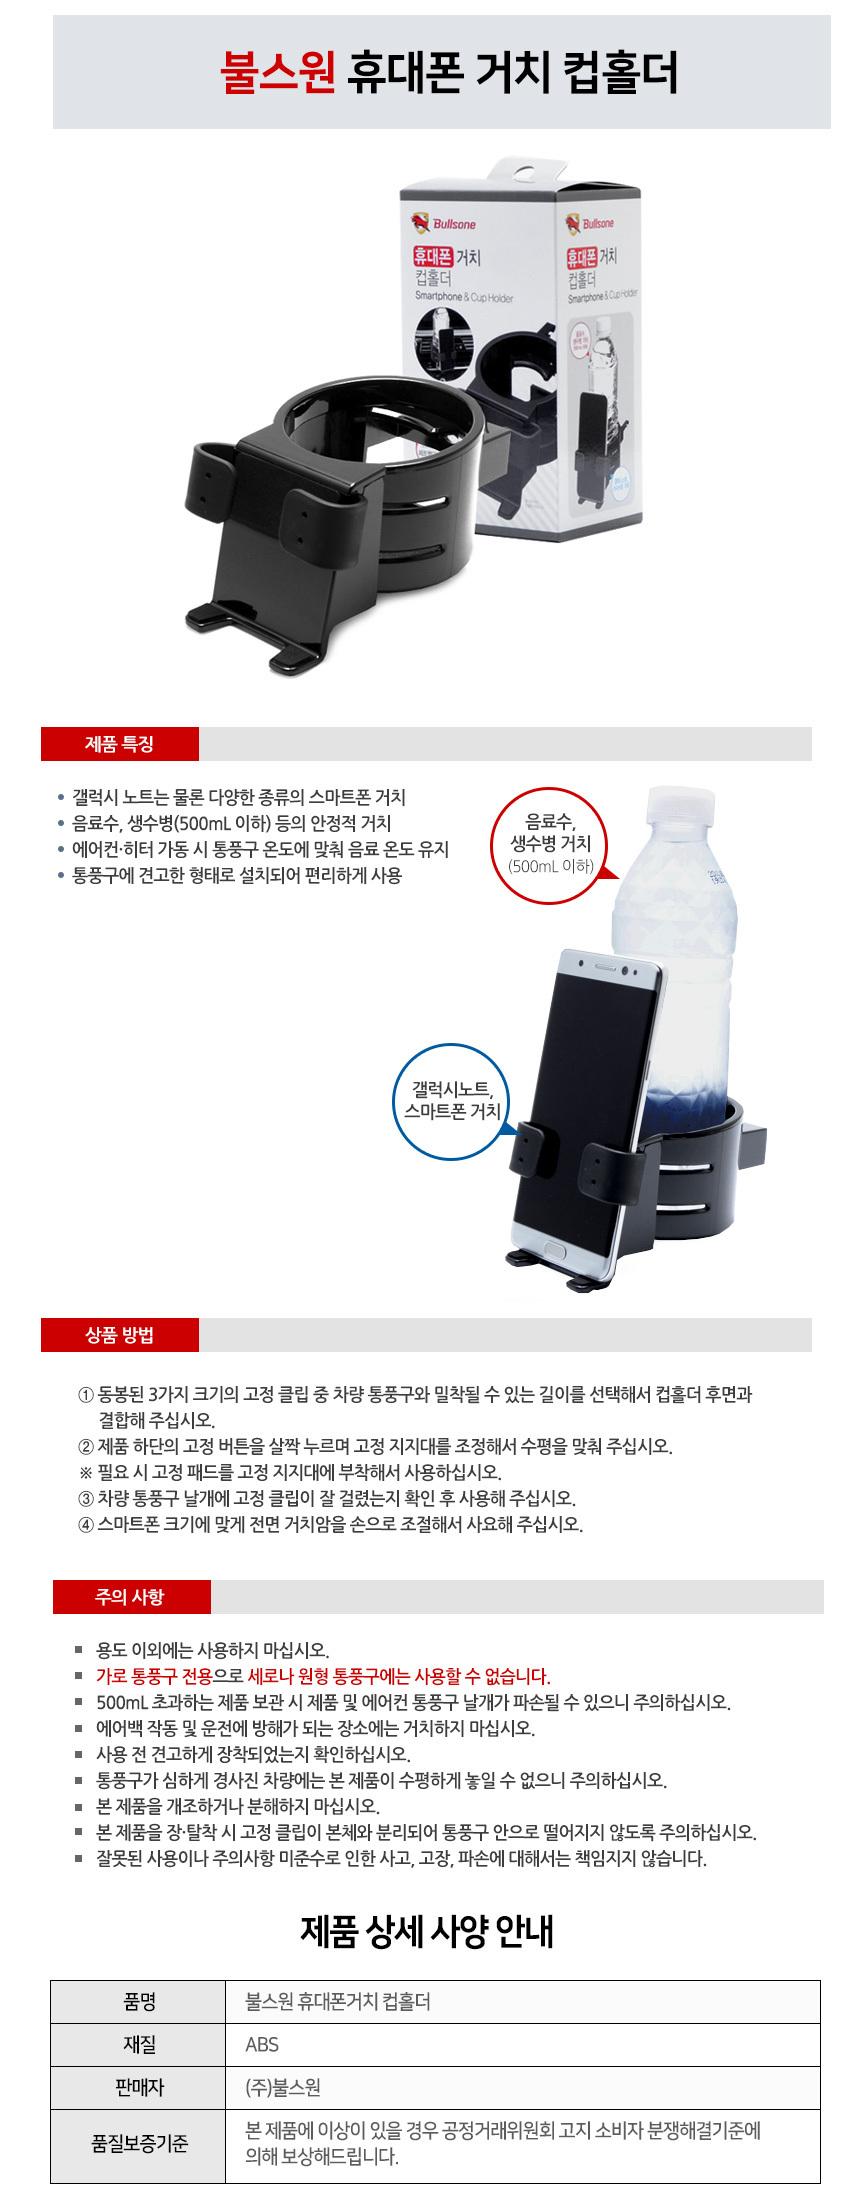 불스원 휴대폰거치 컵홀더 - 불스원, 13,500원, 차량용포켓/수납용품, 컵홀더